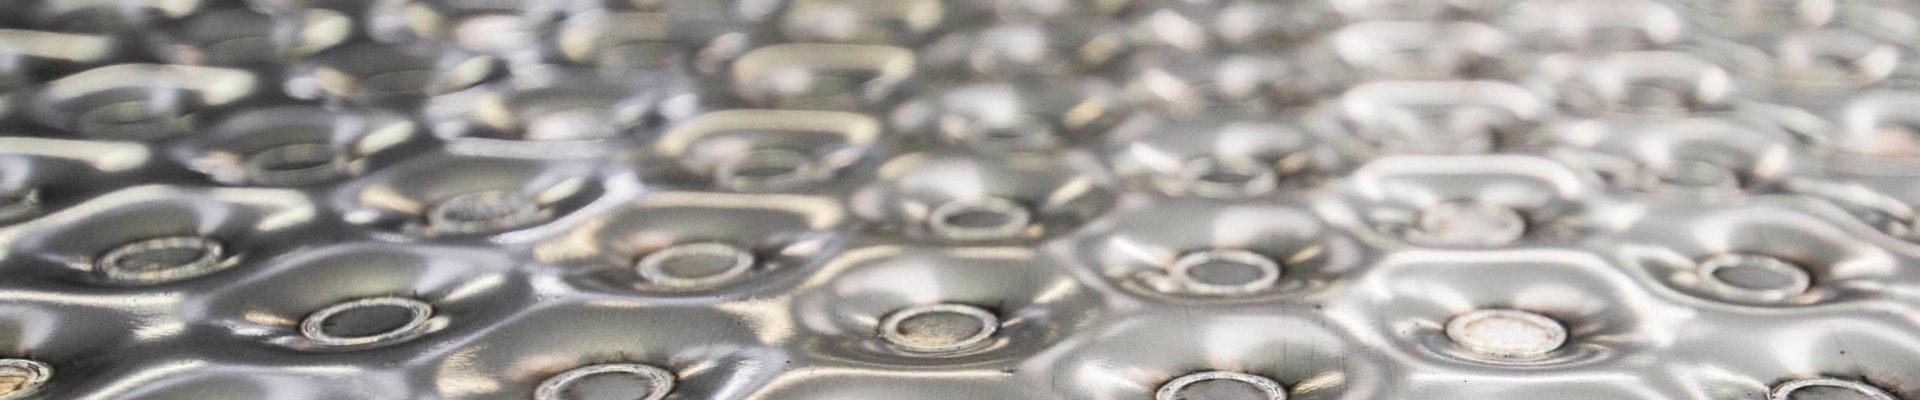 Piastre per scambio termico Pillow Plate